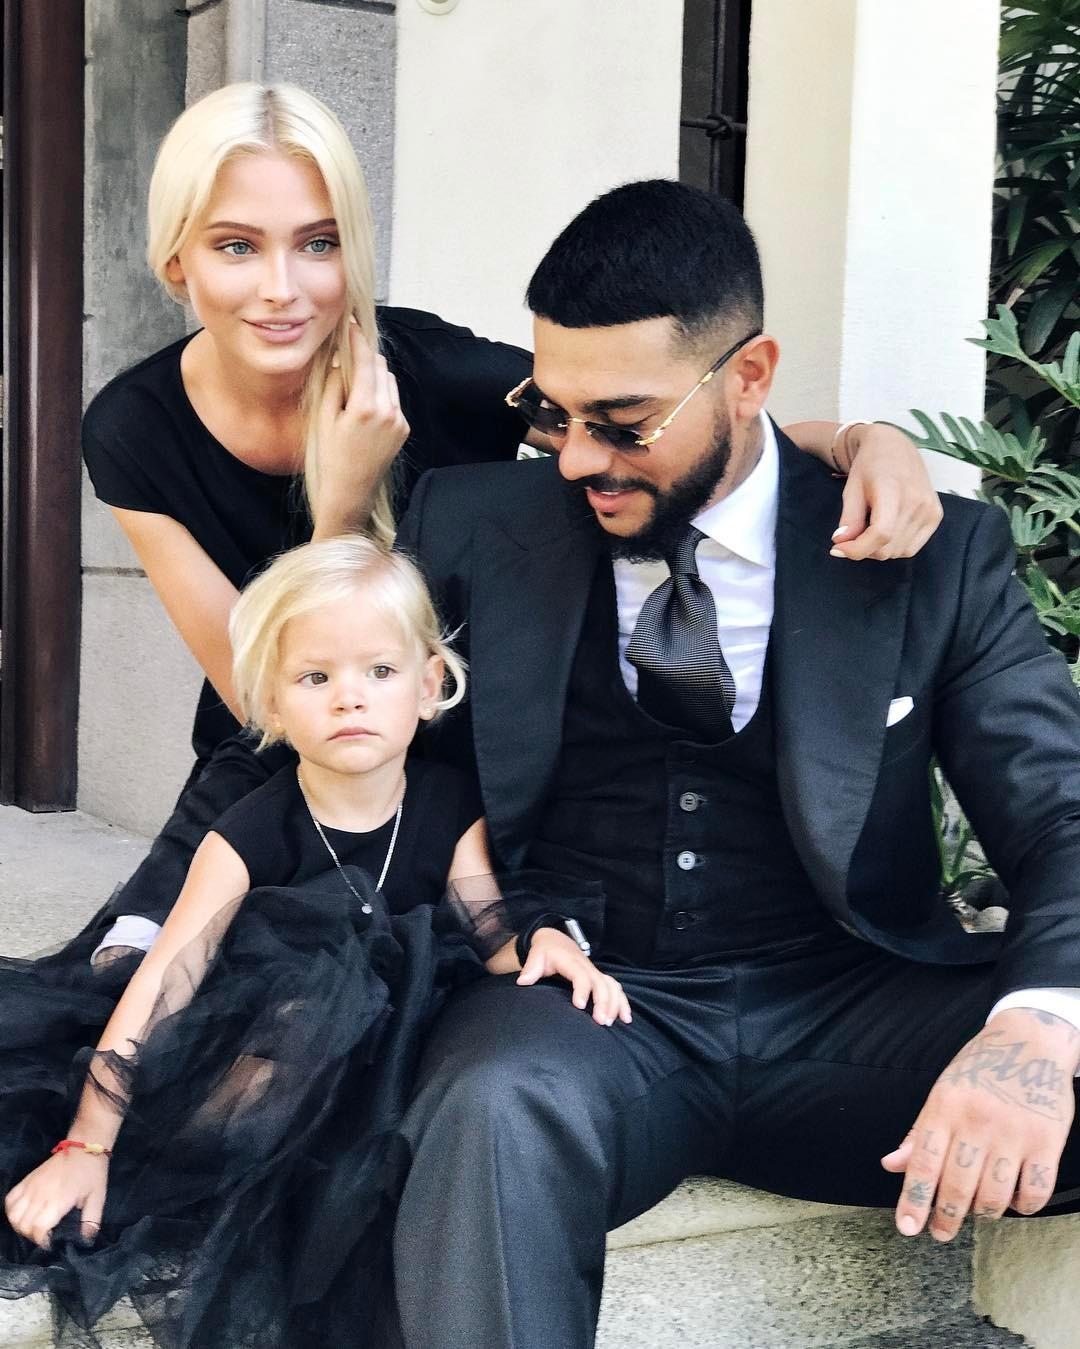 Тимати и Алена Шишкова вместе отпраздновали трехлетие дочери